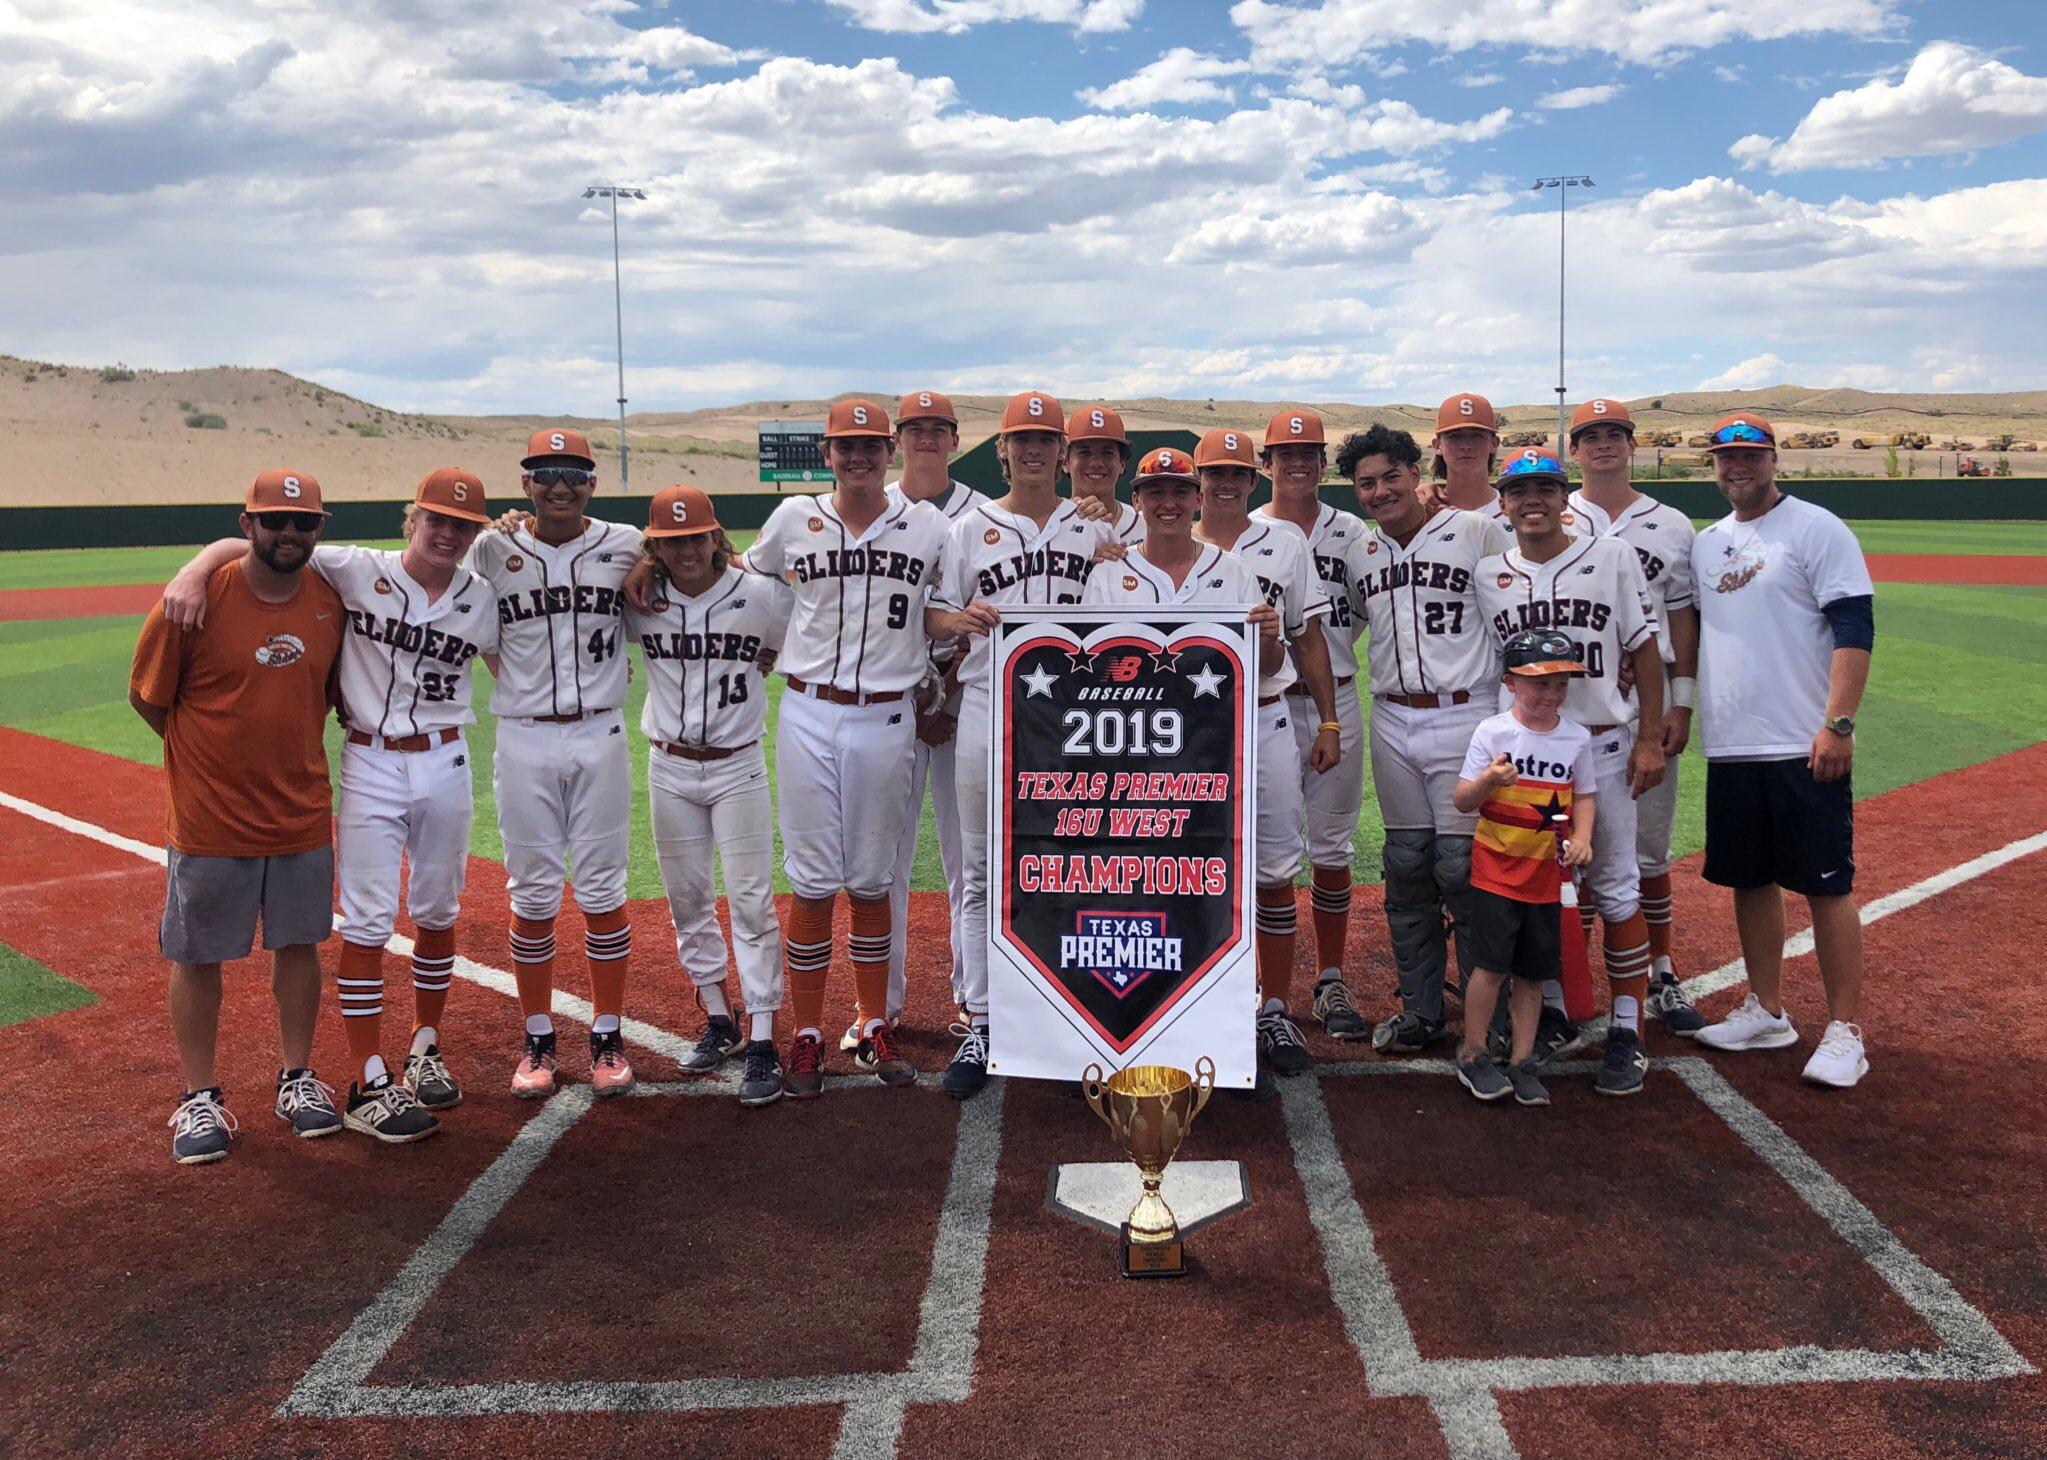 15u New Balance Championship Aug 3 5 Texas Premier Baseball